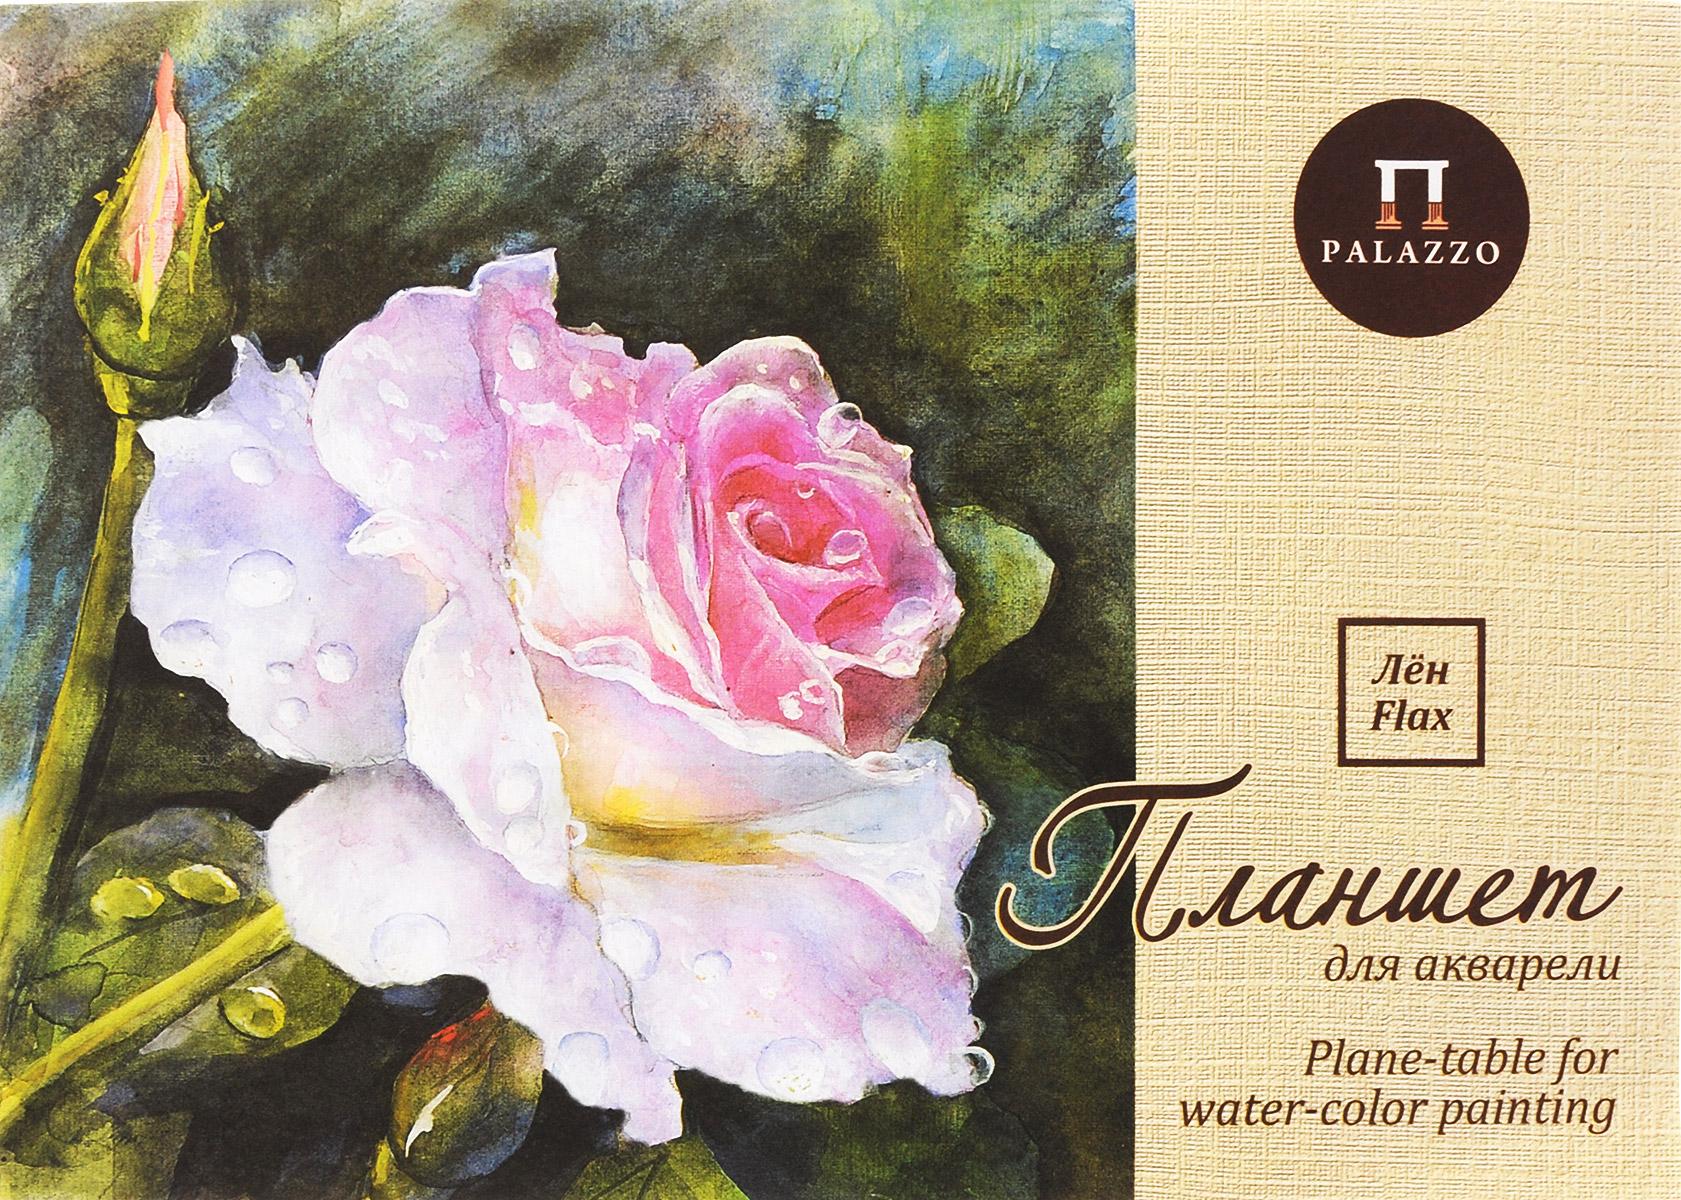 Palazzo Планшет для акварели Розовый сад 20 листов - Бумага и картон